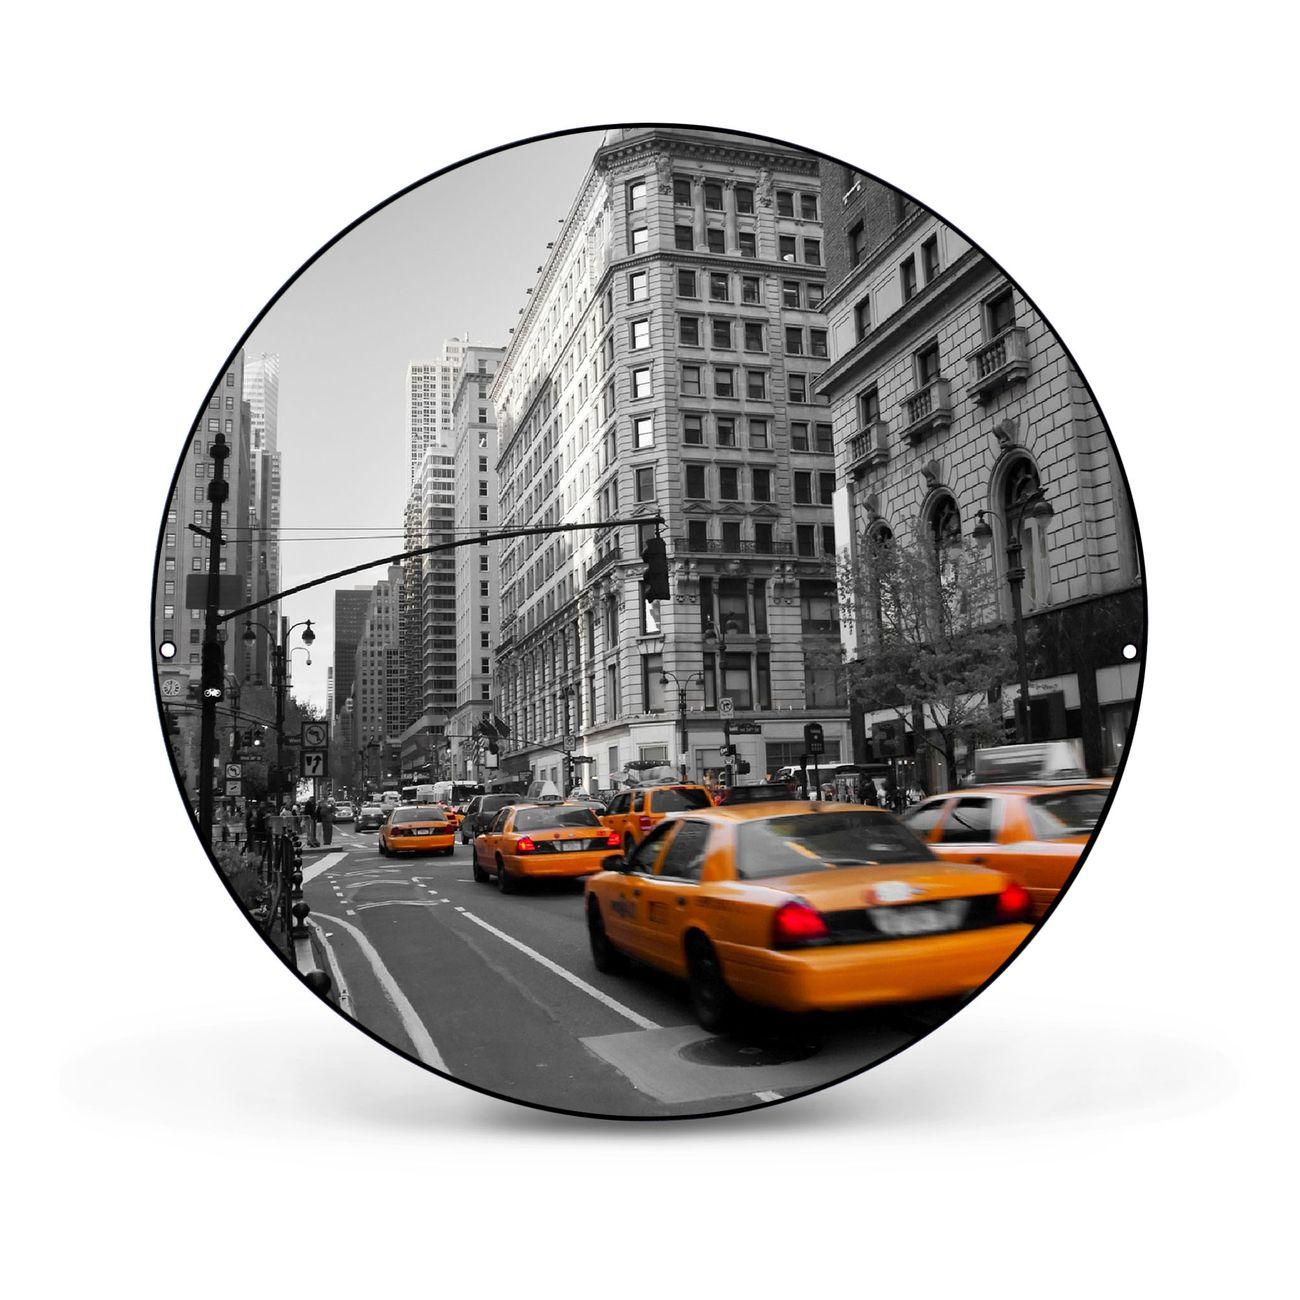 Magnettafel rund schwarz New York Taxi – Bild 1